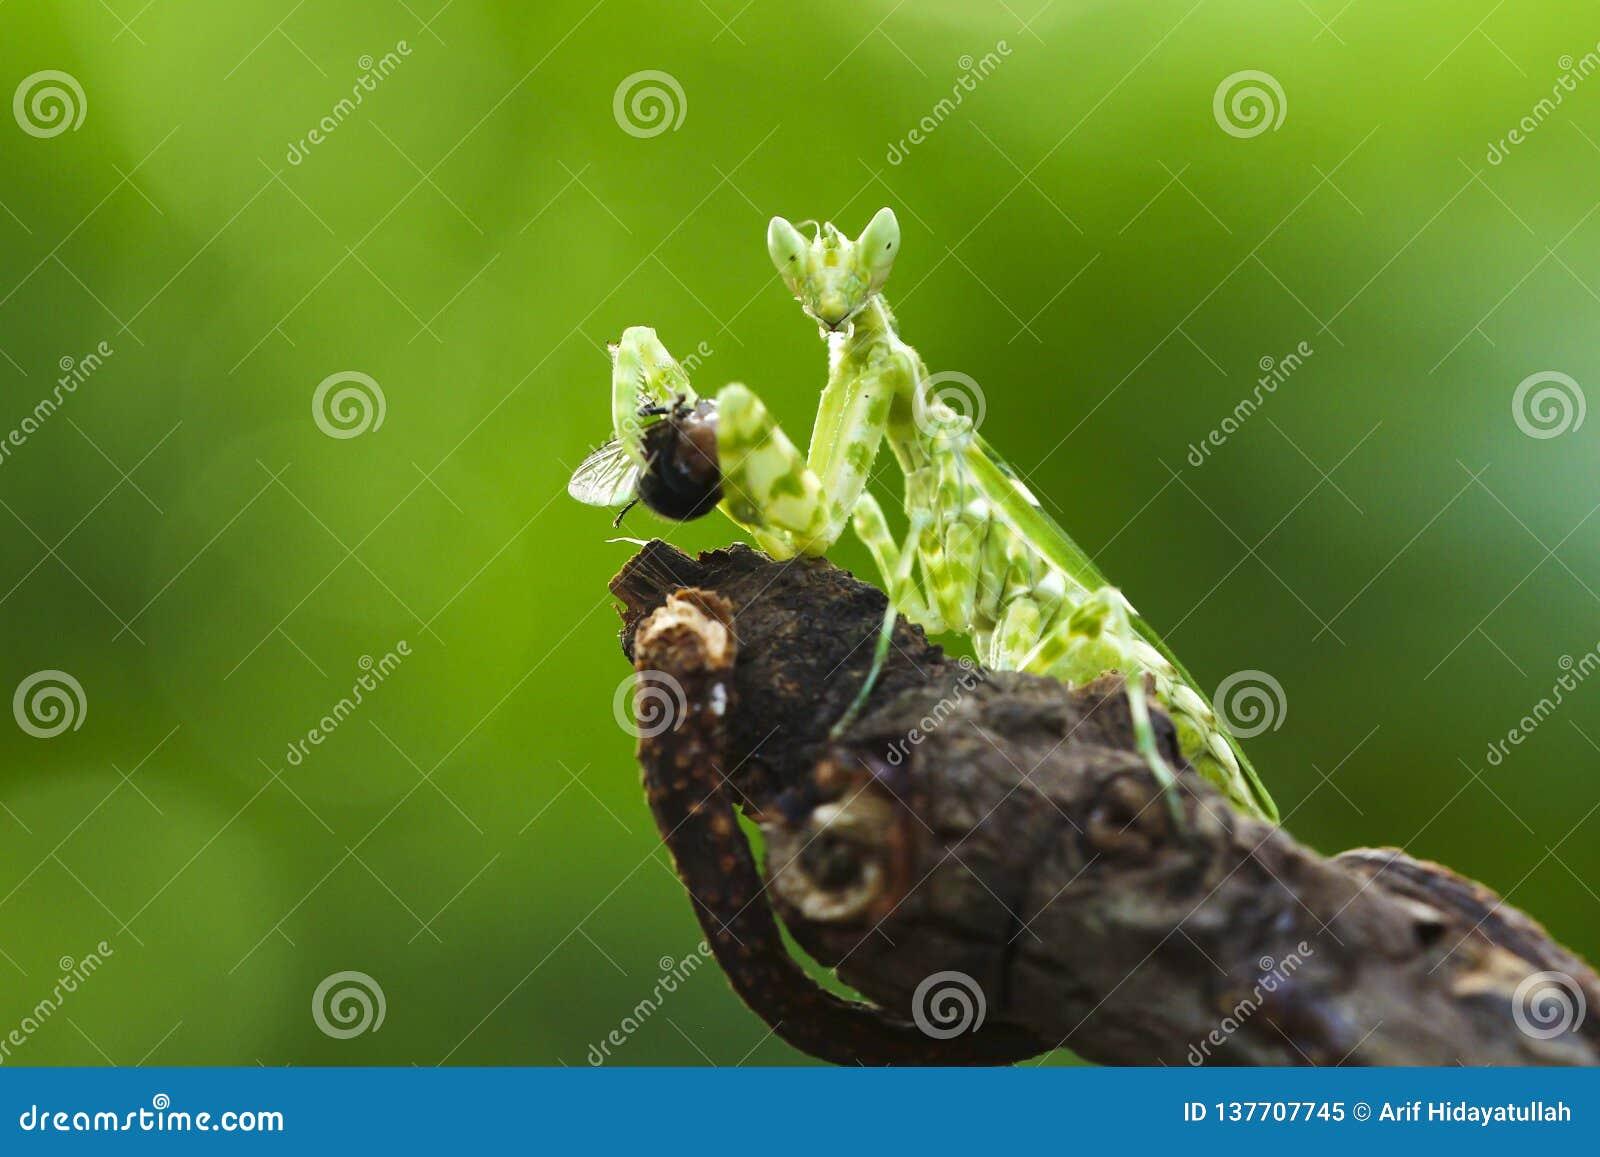 The praying mantis eating